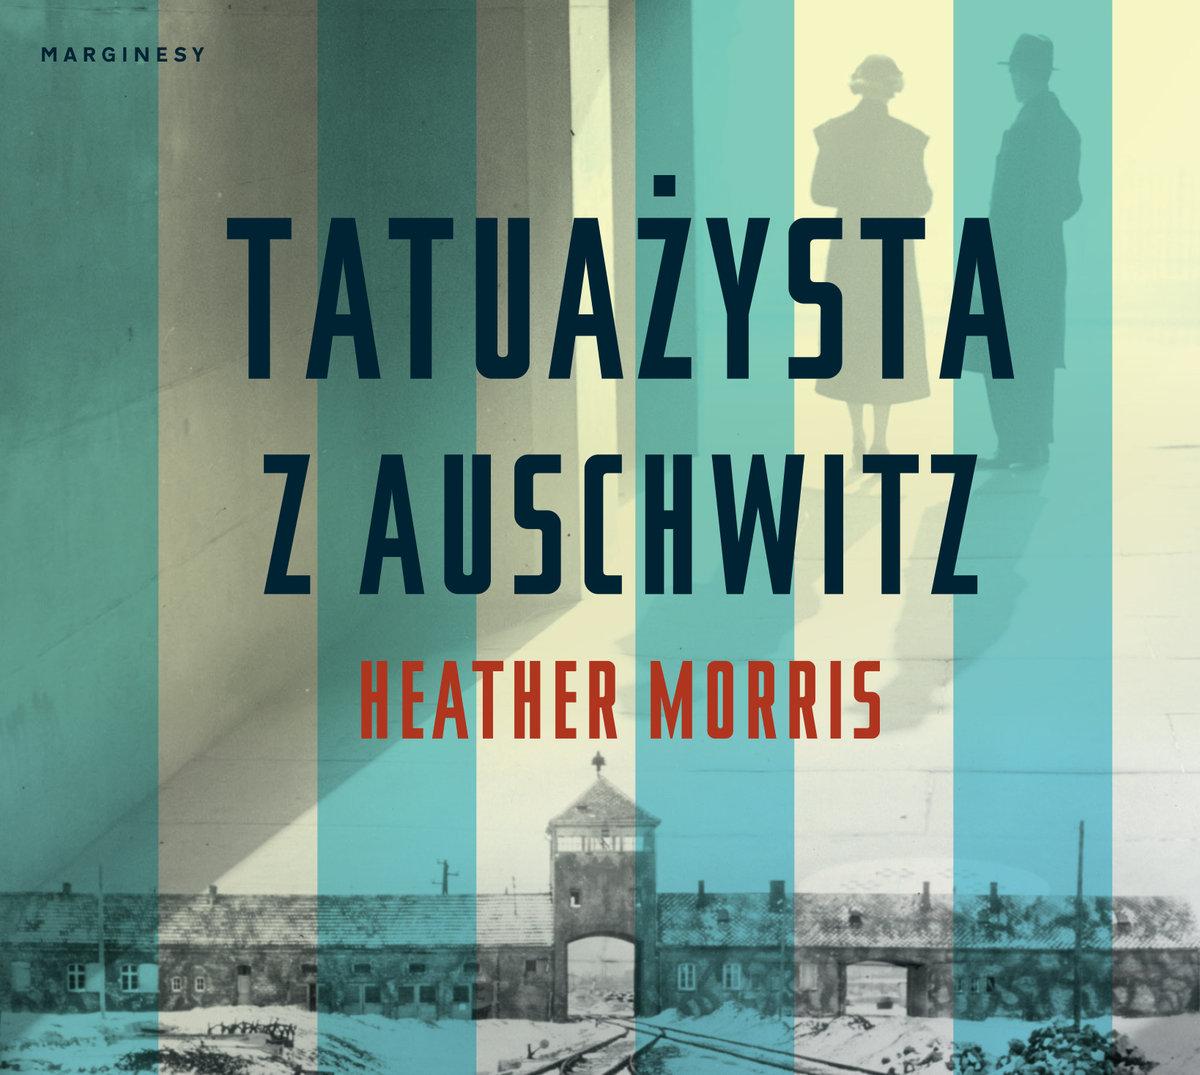 Morris Heather – Tatuażysta Z Auschwitz